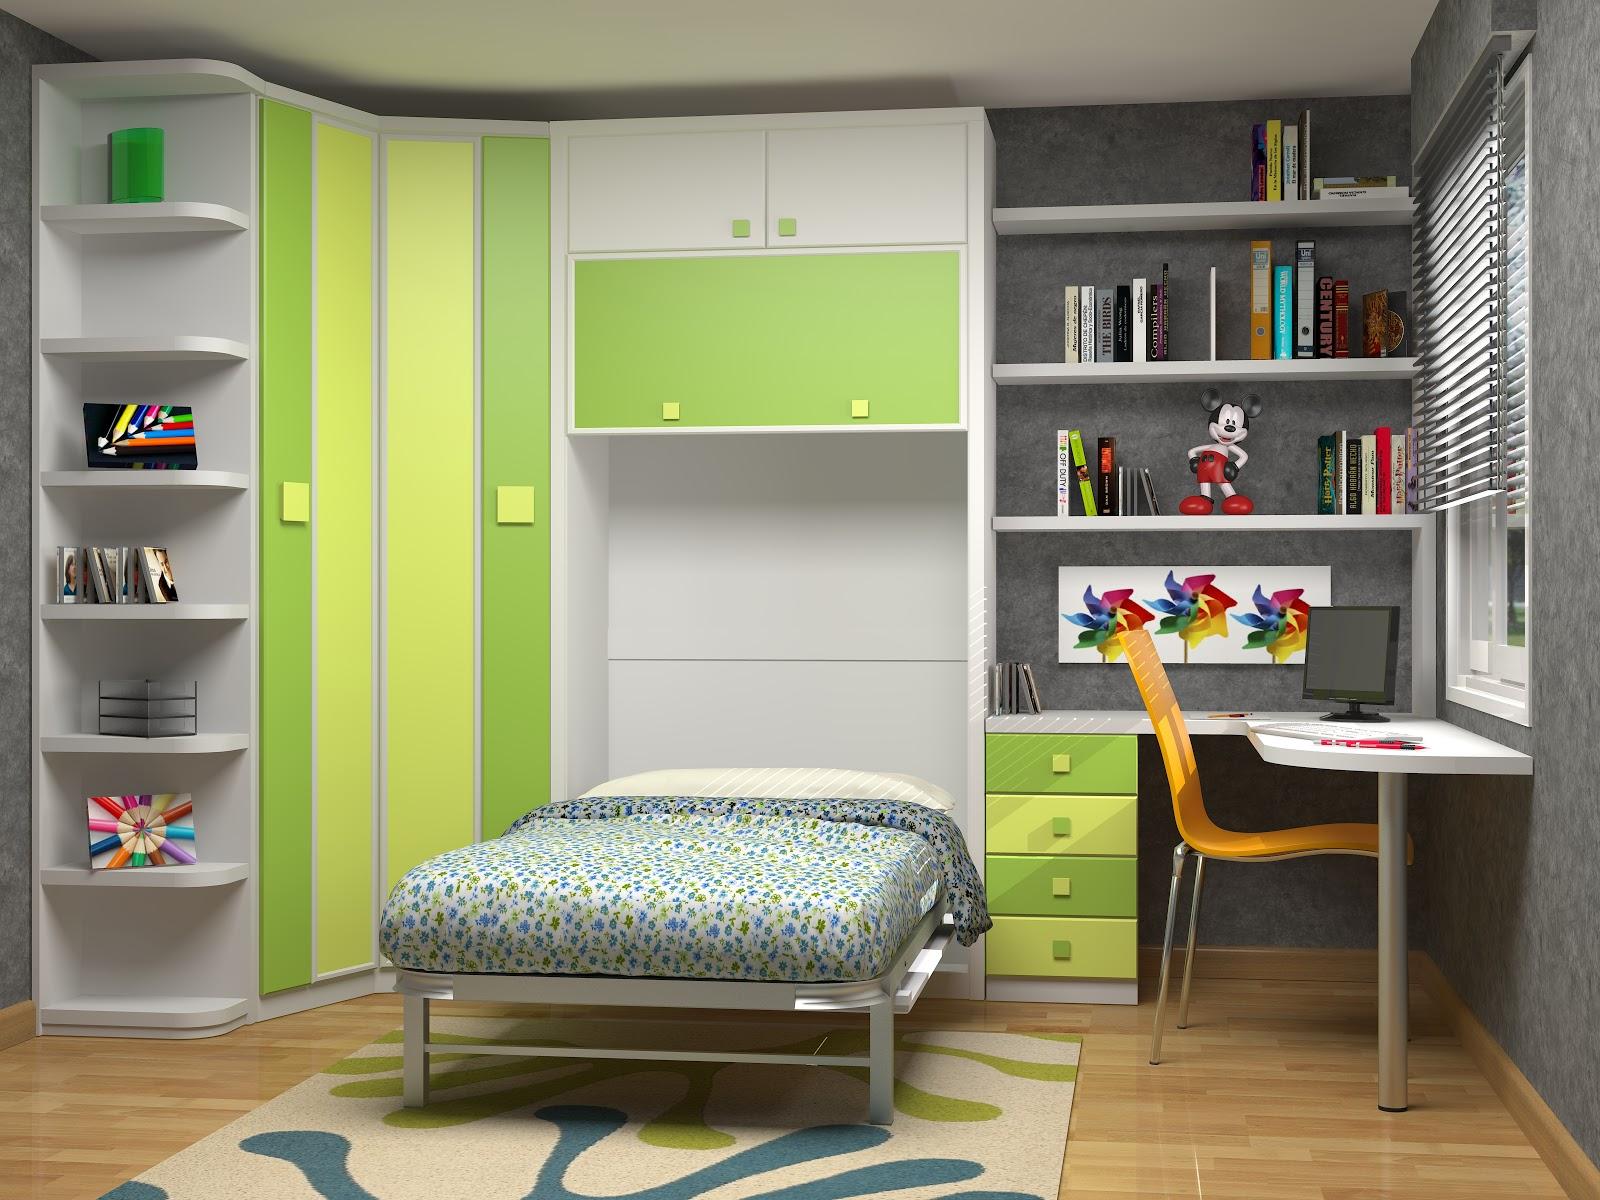 Muebles juveniles dormitorios infantiles y habitaciones - Habitaciones juveniles muebles tuco ...